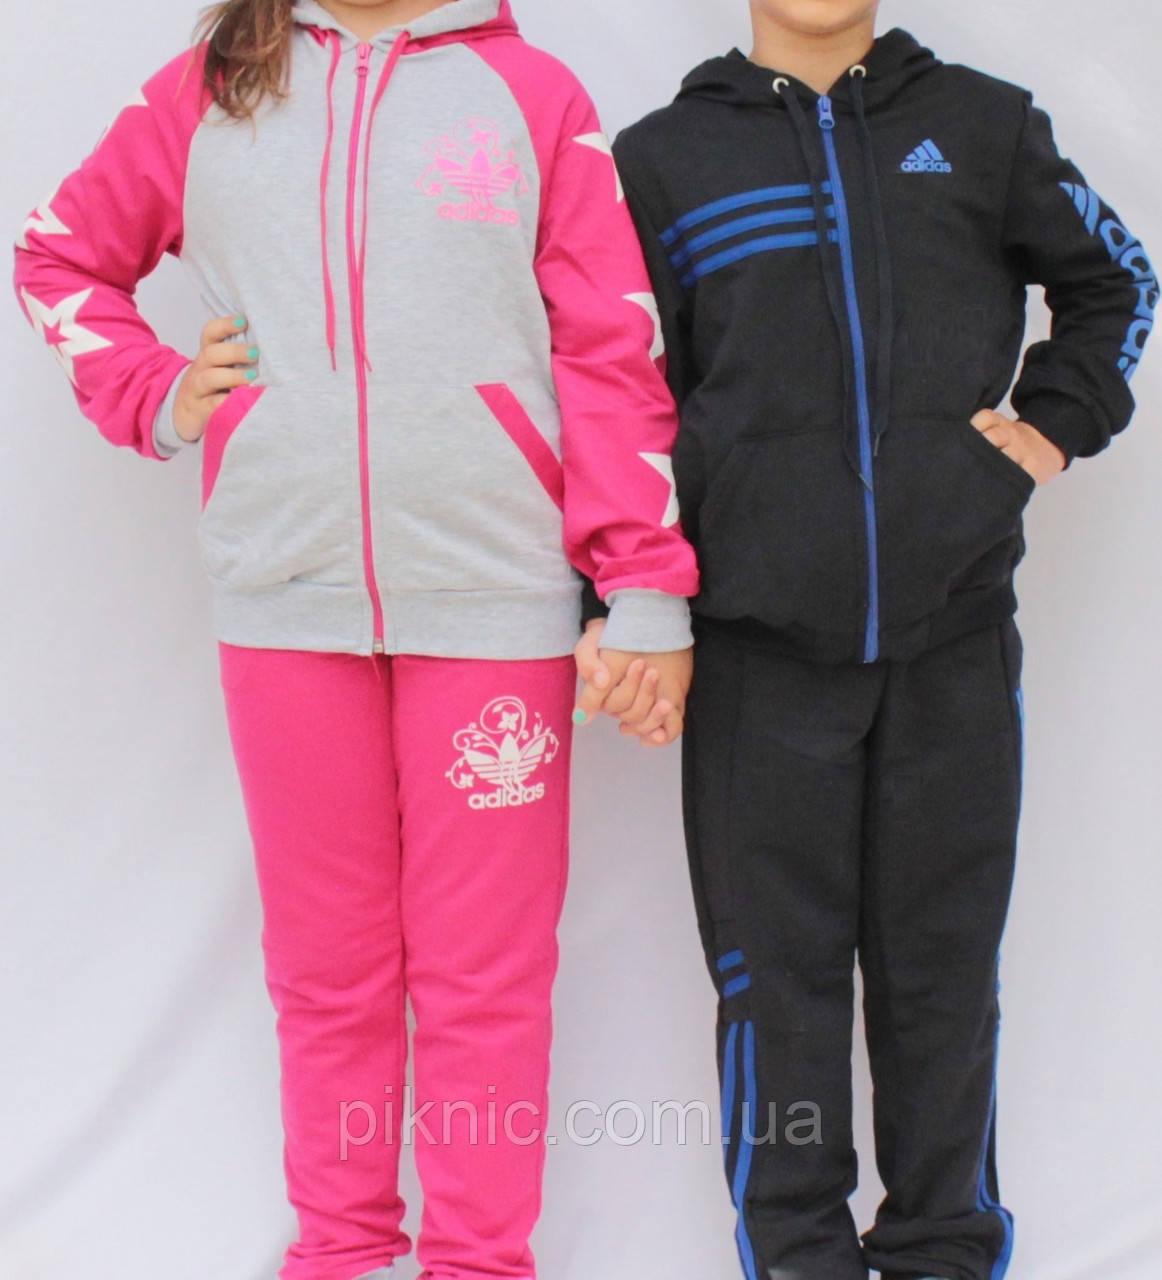 Детский спортивный костюм на 6,7 лет, для мальчиков. Костюм двойка для детей, в школу